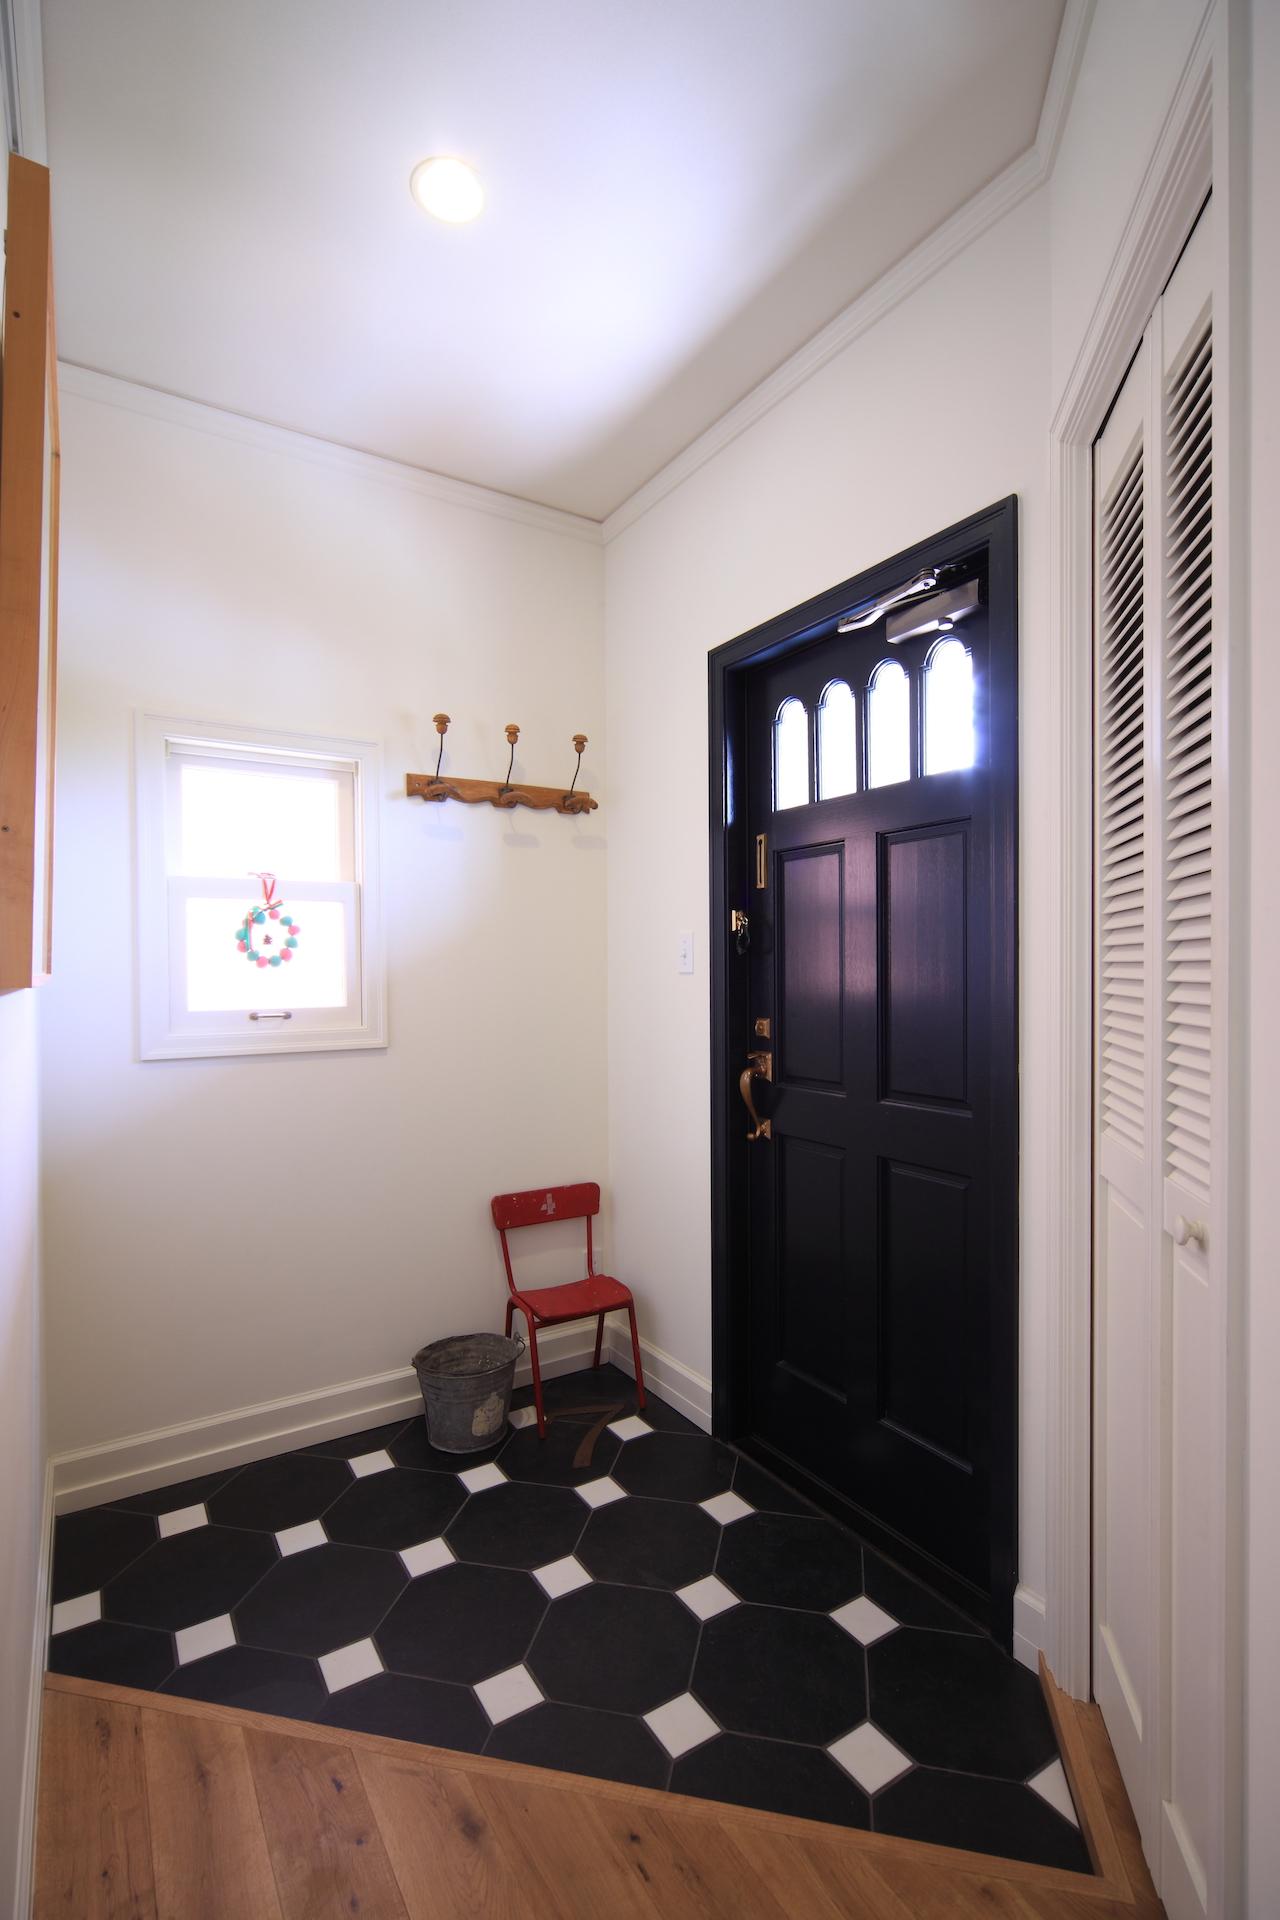 床のタイルは黒白デザイン貼り